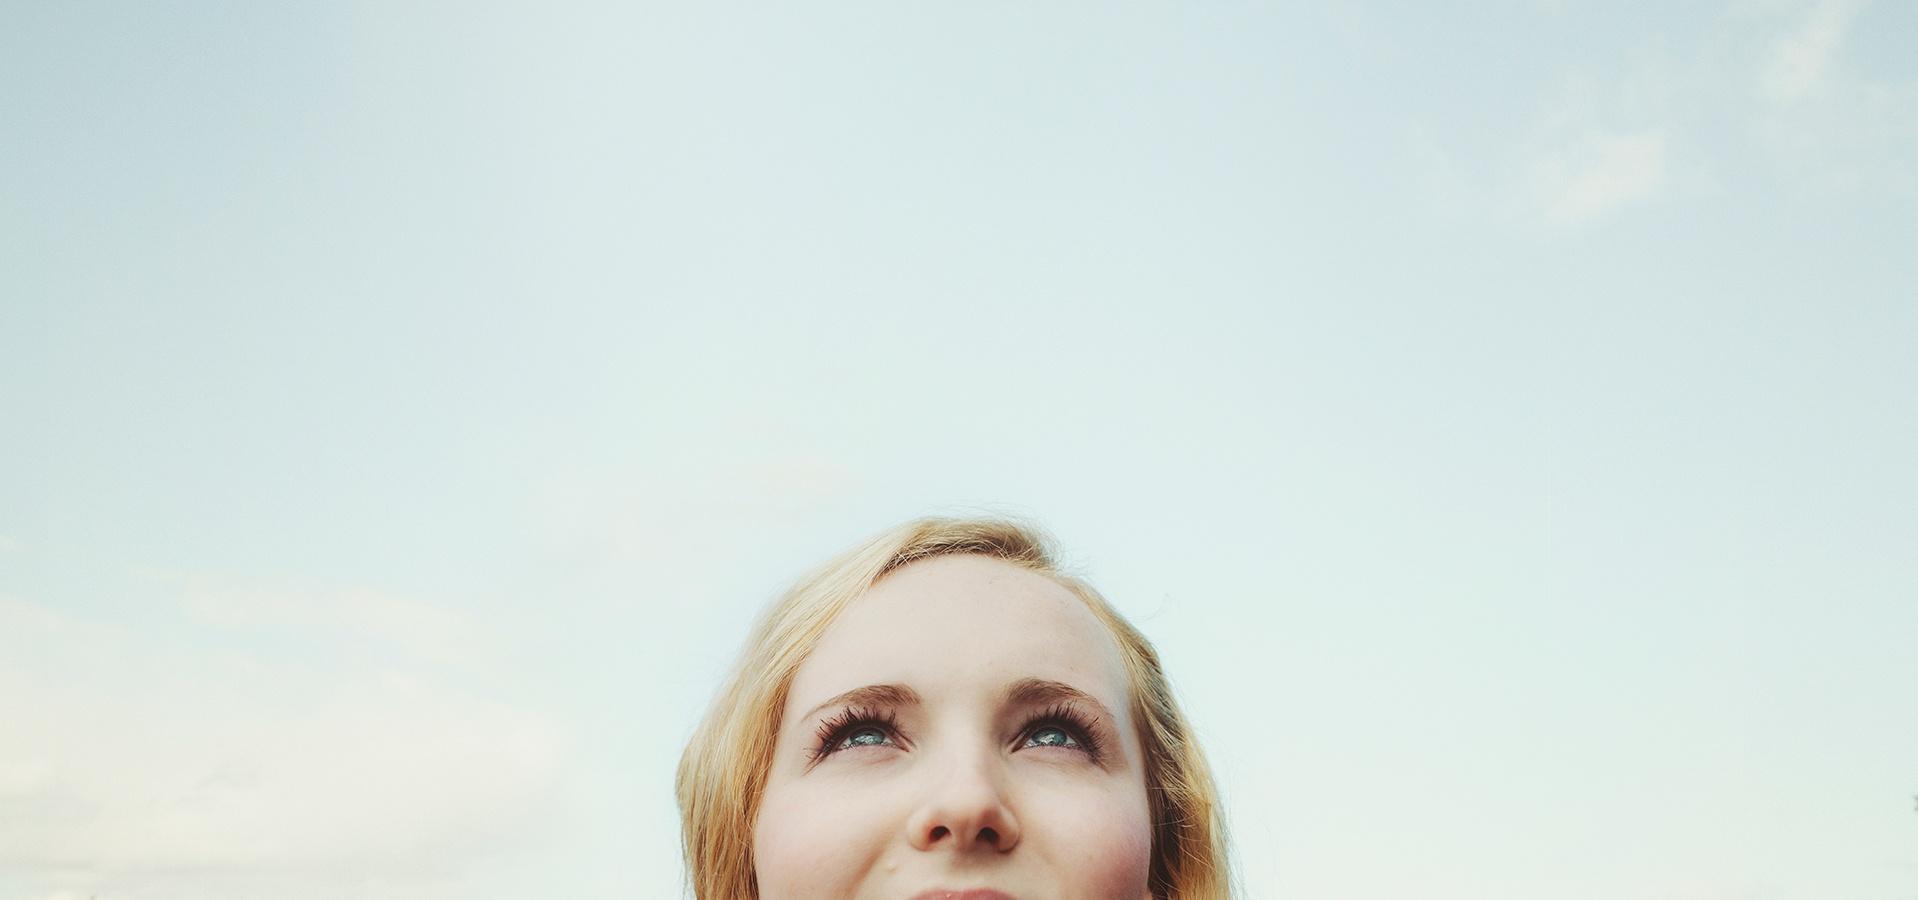 Nainen katsoo ylöspäin taivaalle kuvan alareunassa.